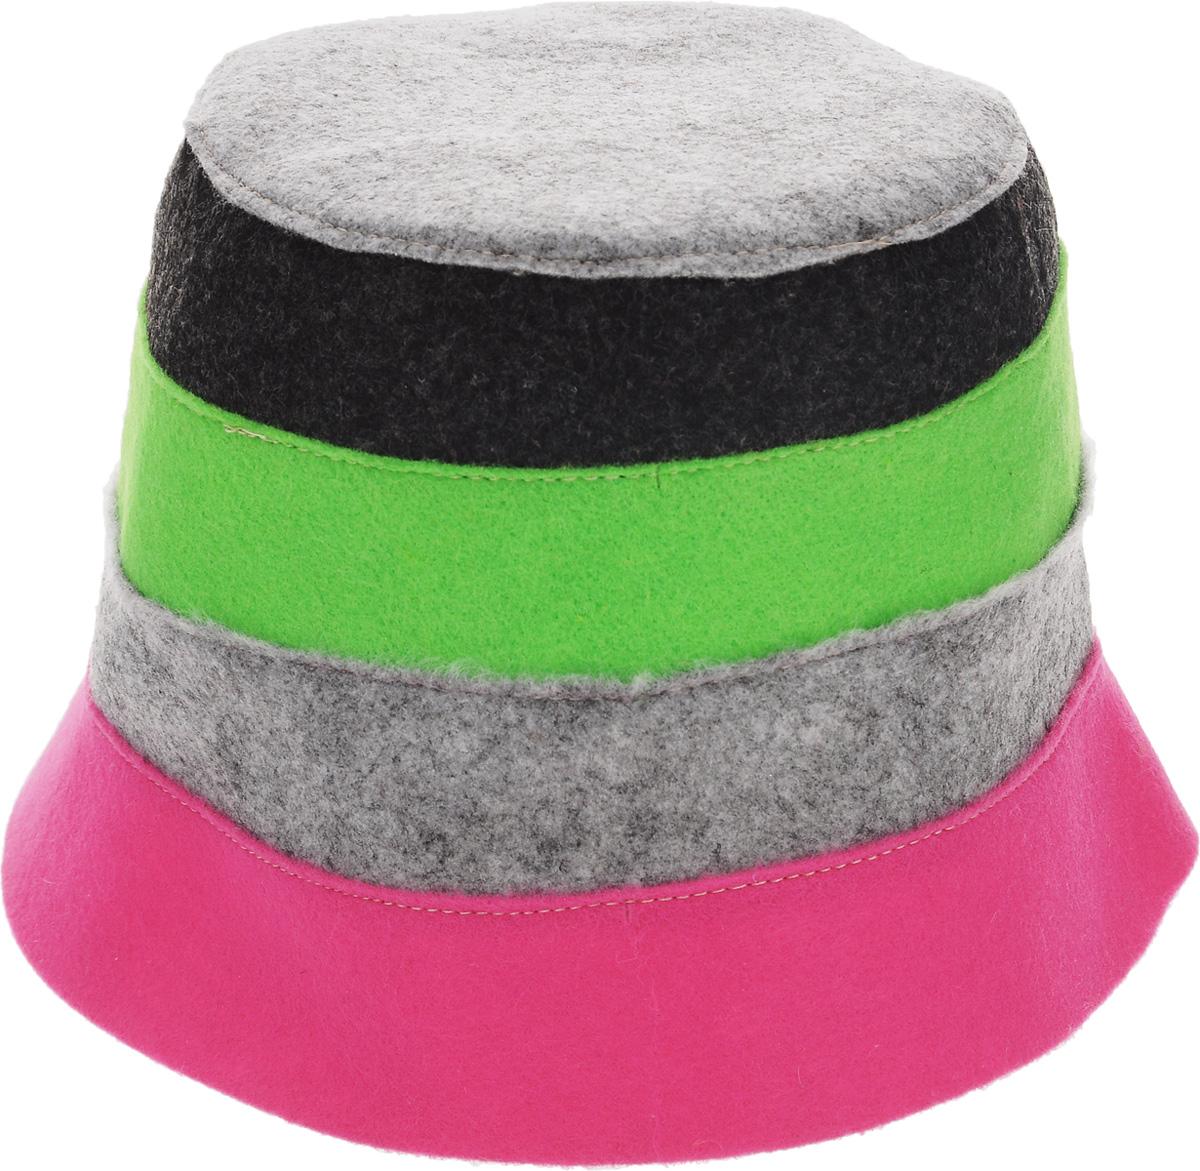 Шапка для бани и сауны Доктор баня В полоску, цвет: розовый, серый, зеленый905254_розовый, серый, зеленыйШапка для бани и сауны Доктор баня В полоску, выполненная из 100% полиэстера, является оригинальным и незаменимым аксессуаром для любителей попариться в русской бане и для тех, кто предпочитает сухой жар финской бани. Необычный дизайн изделия поможет сделать ваш отдых более приятным и разнообразным. При правильном уходе шапка прослужит долгое время - достаточно просушивать ее.Обхват головы: 60 см.